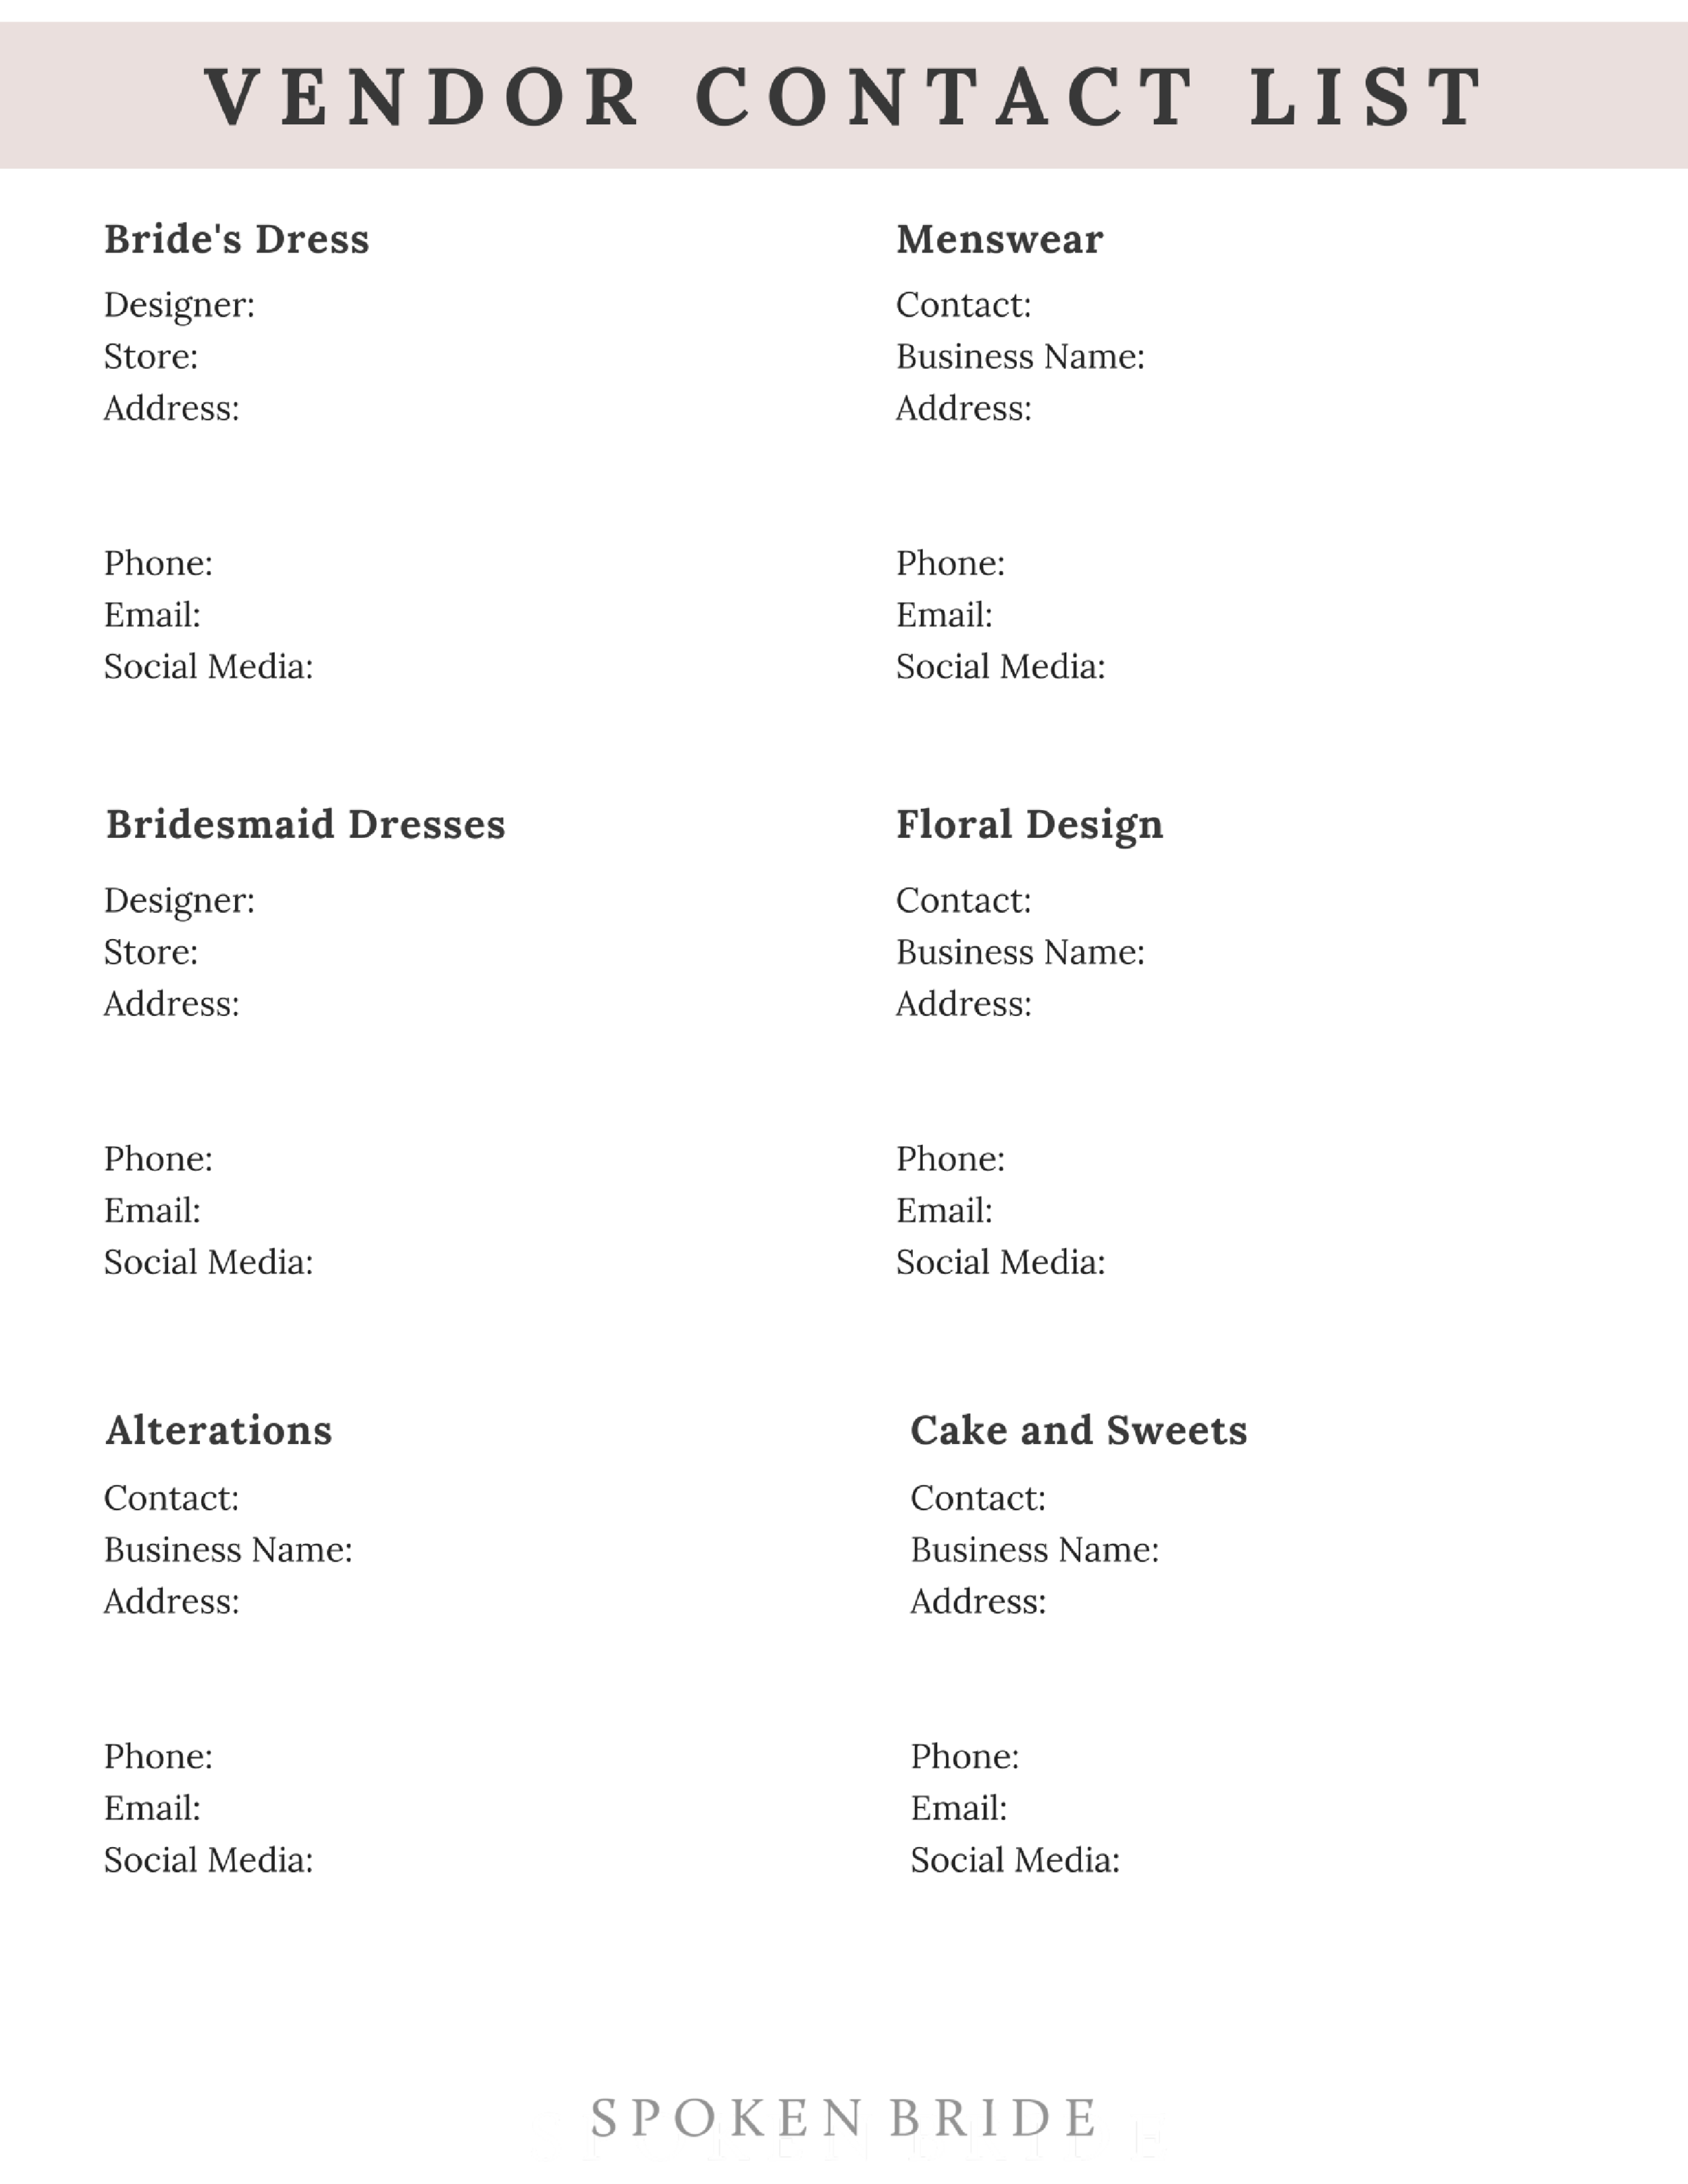 Vendor Contact List (1).png